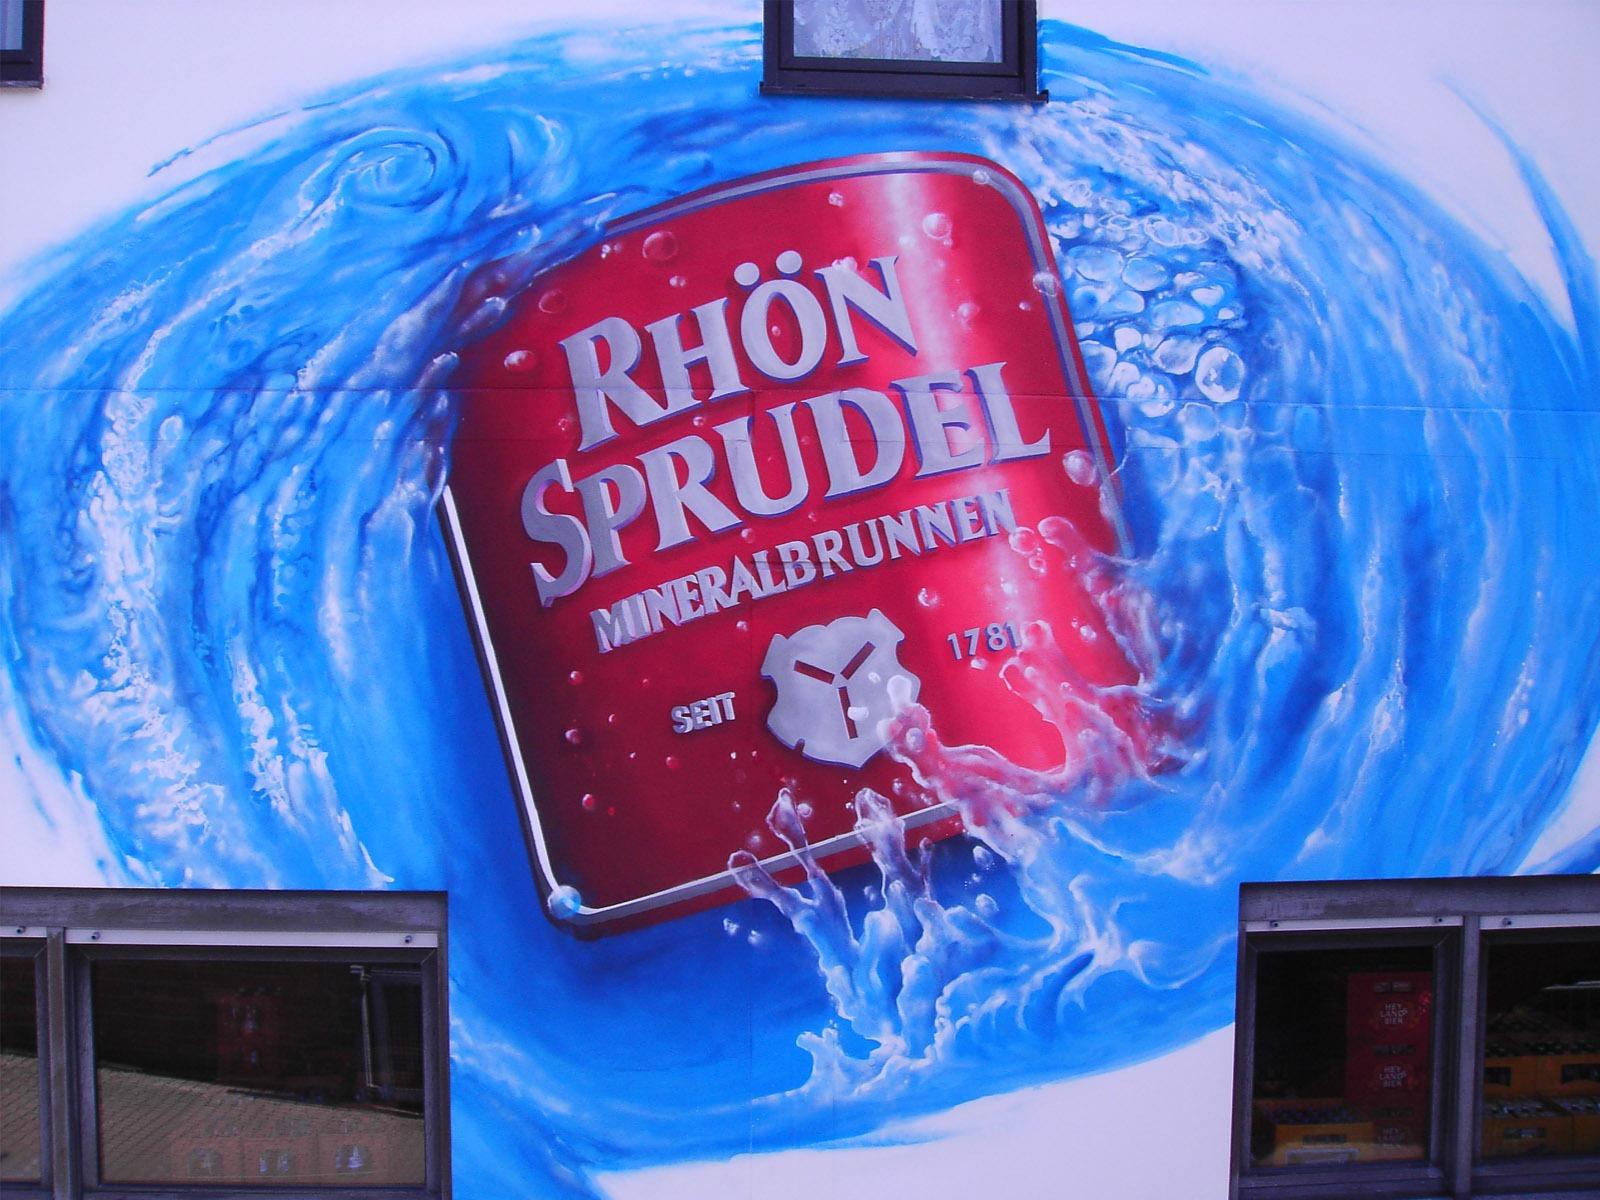 graffitiauftrag-graffitikuenstler-artmos4-rhoen-sprudel-oesterlein-2004-landschaft-wasser-flasche-aussen-blau-fotorealistisch-getraenke-handel